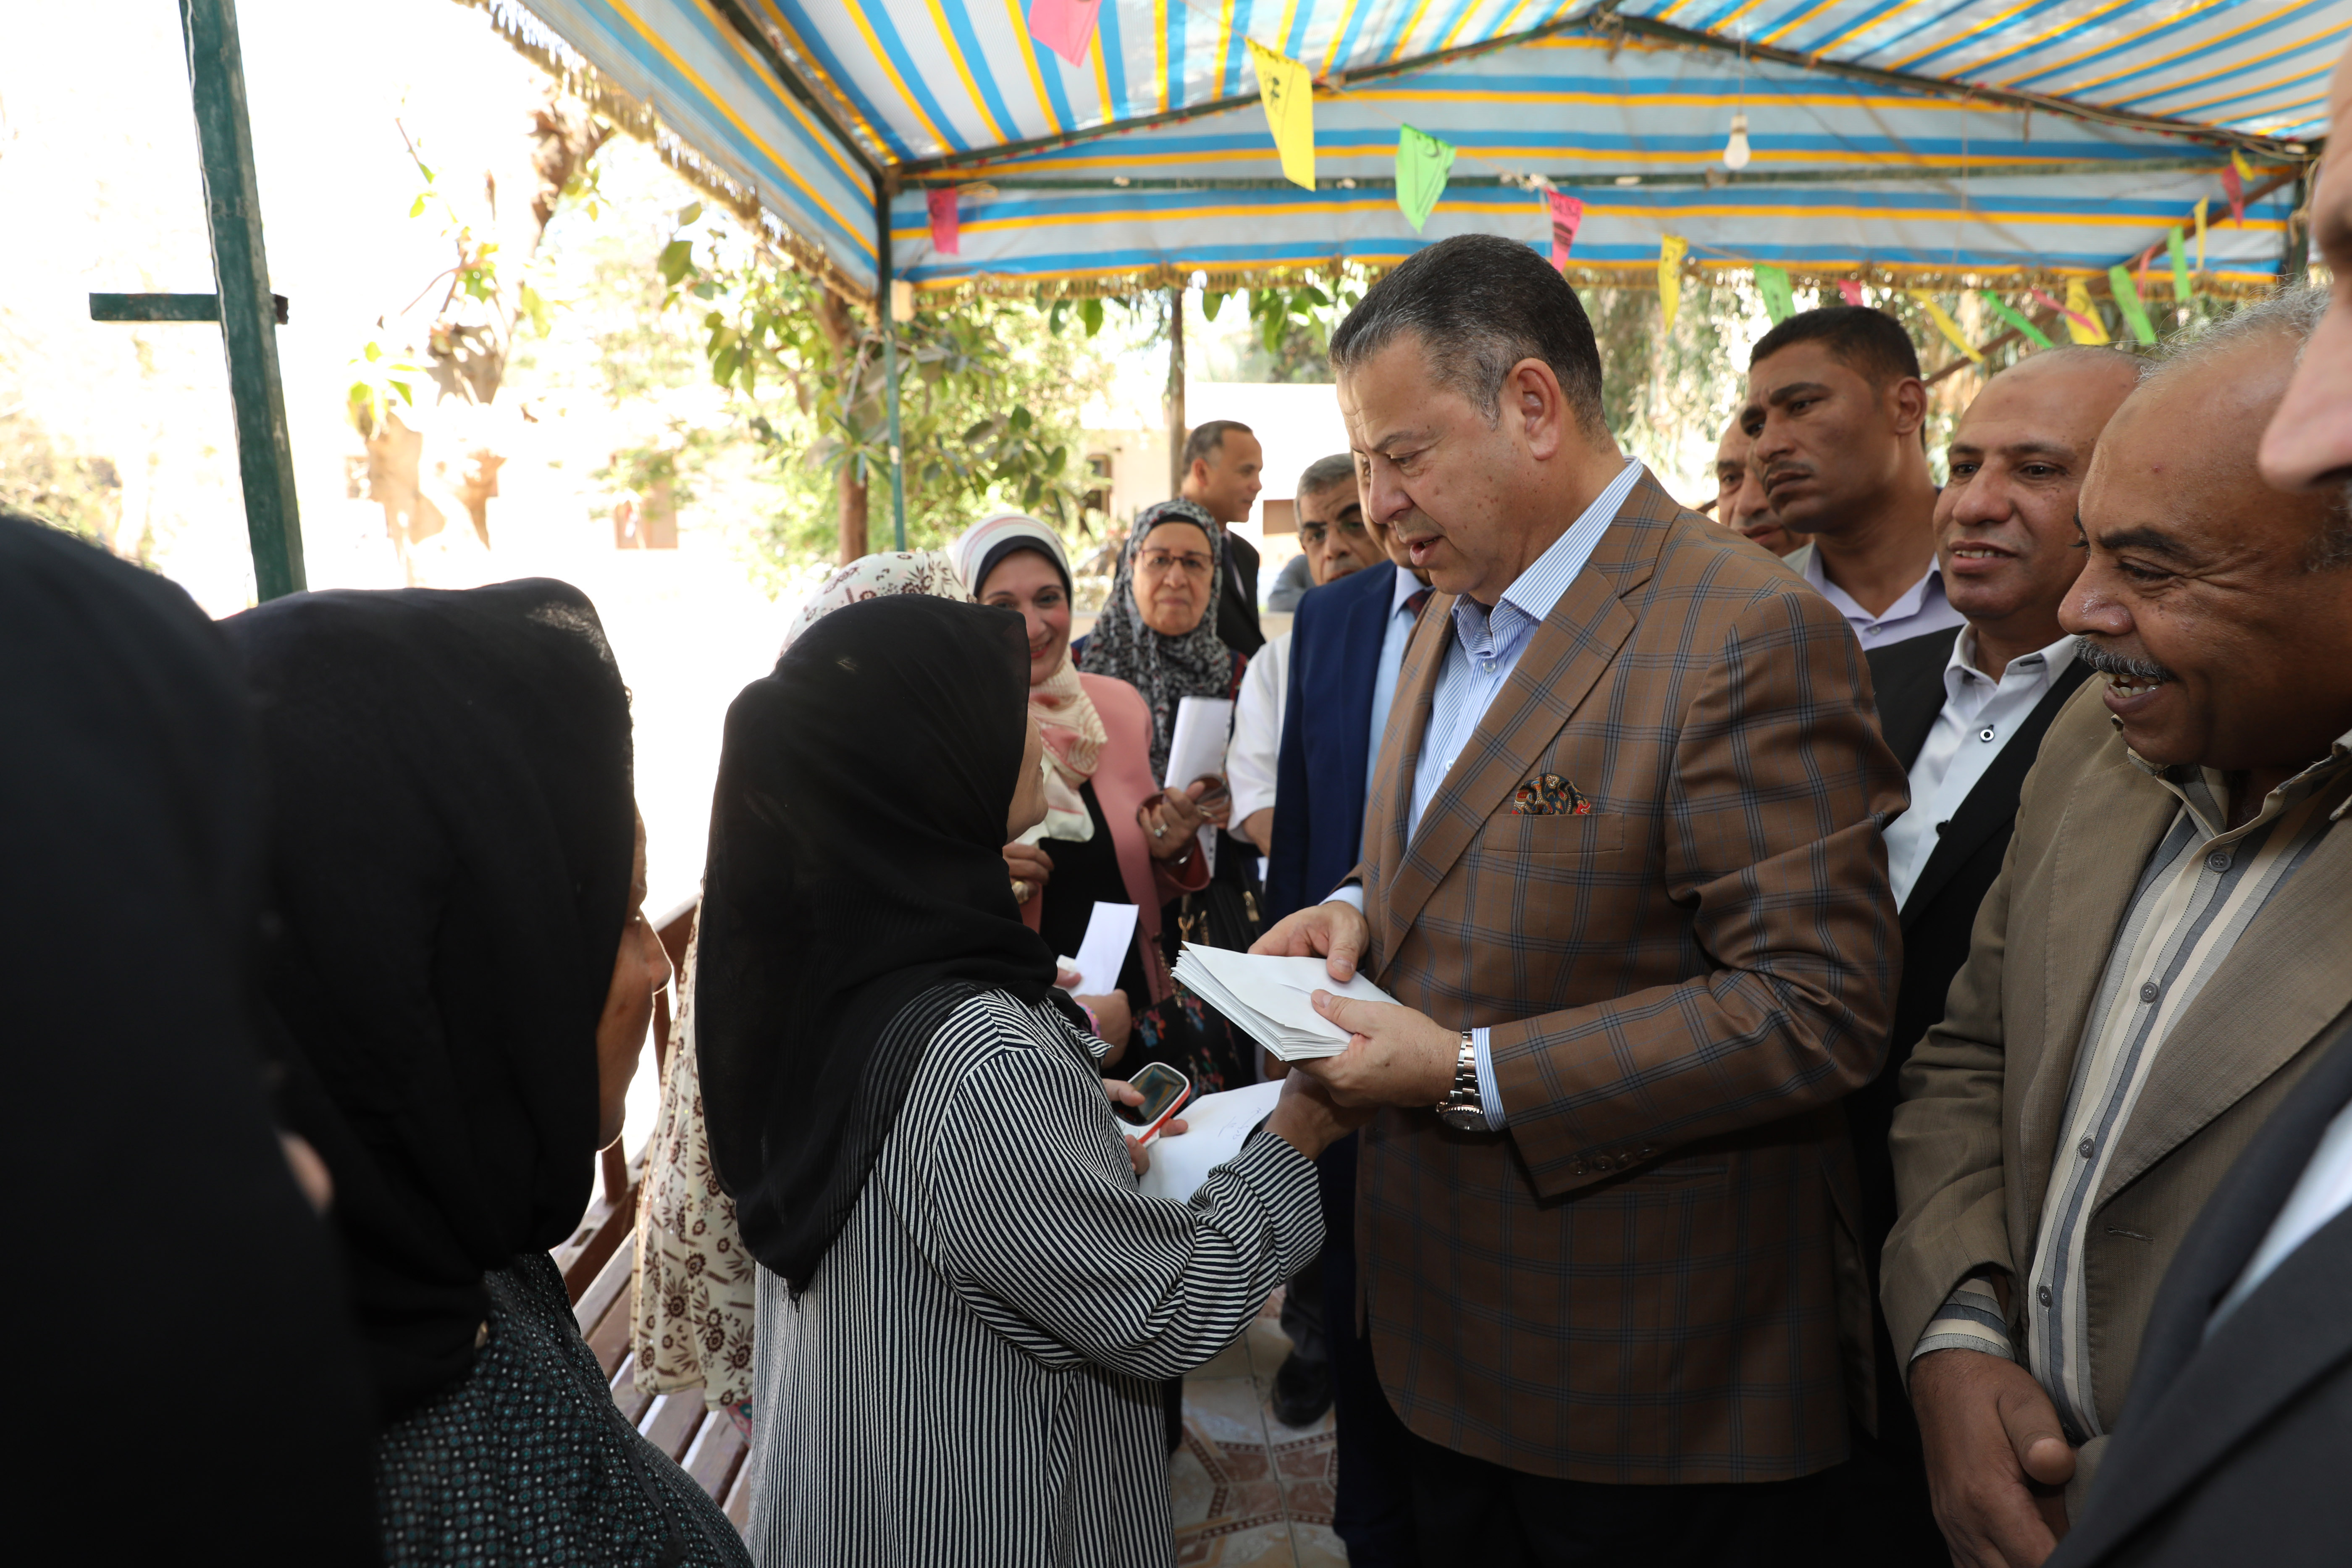 محافظ بنى سويف يقدم الهدايا للأطفال الأيتام ويزور المسنين فى عيد الأضحى (1)